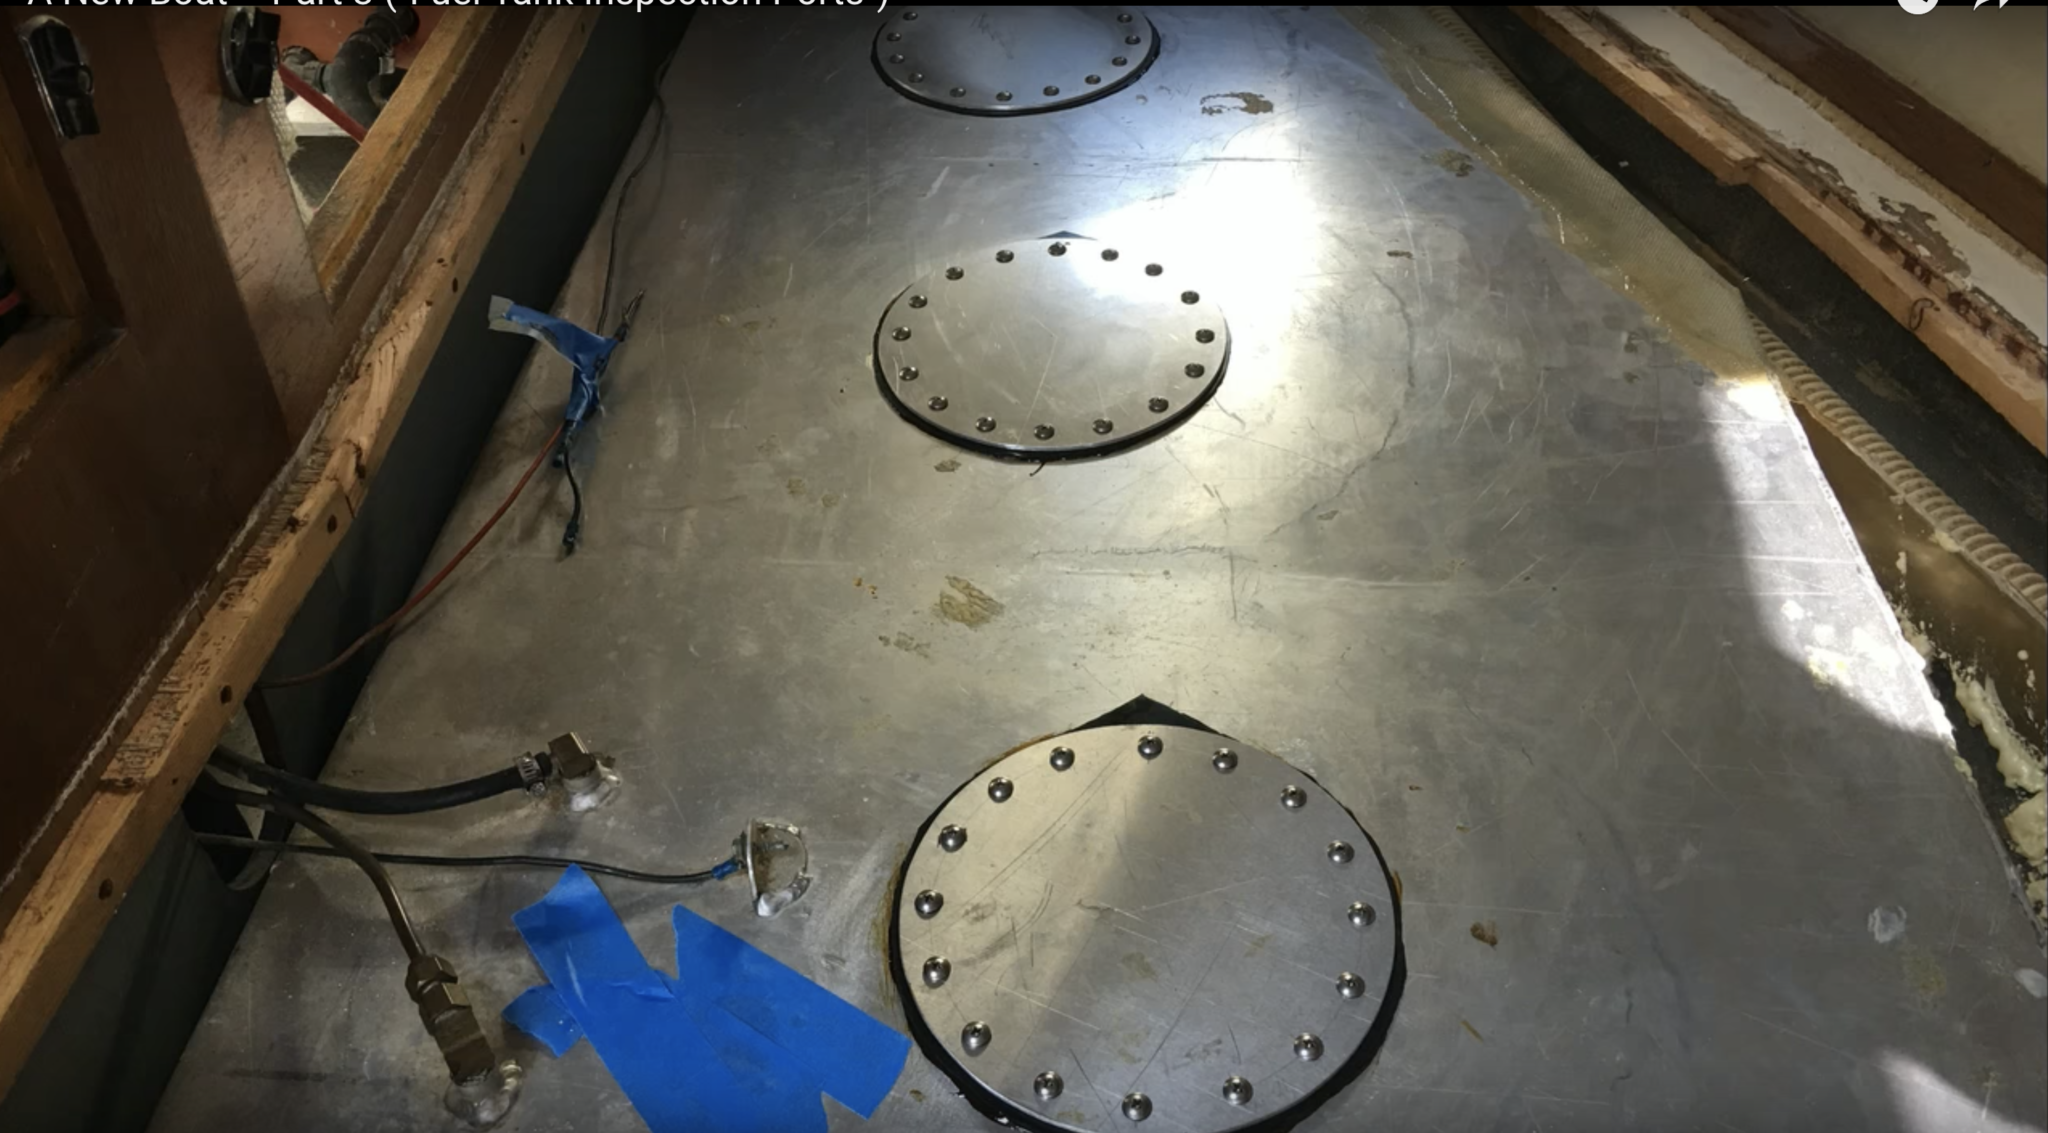 fabriquer trappe de visite reservoir carburant bateau